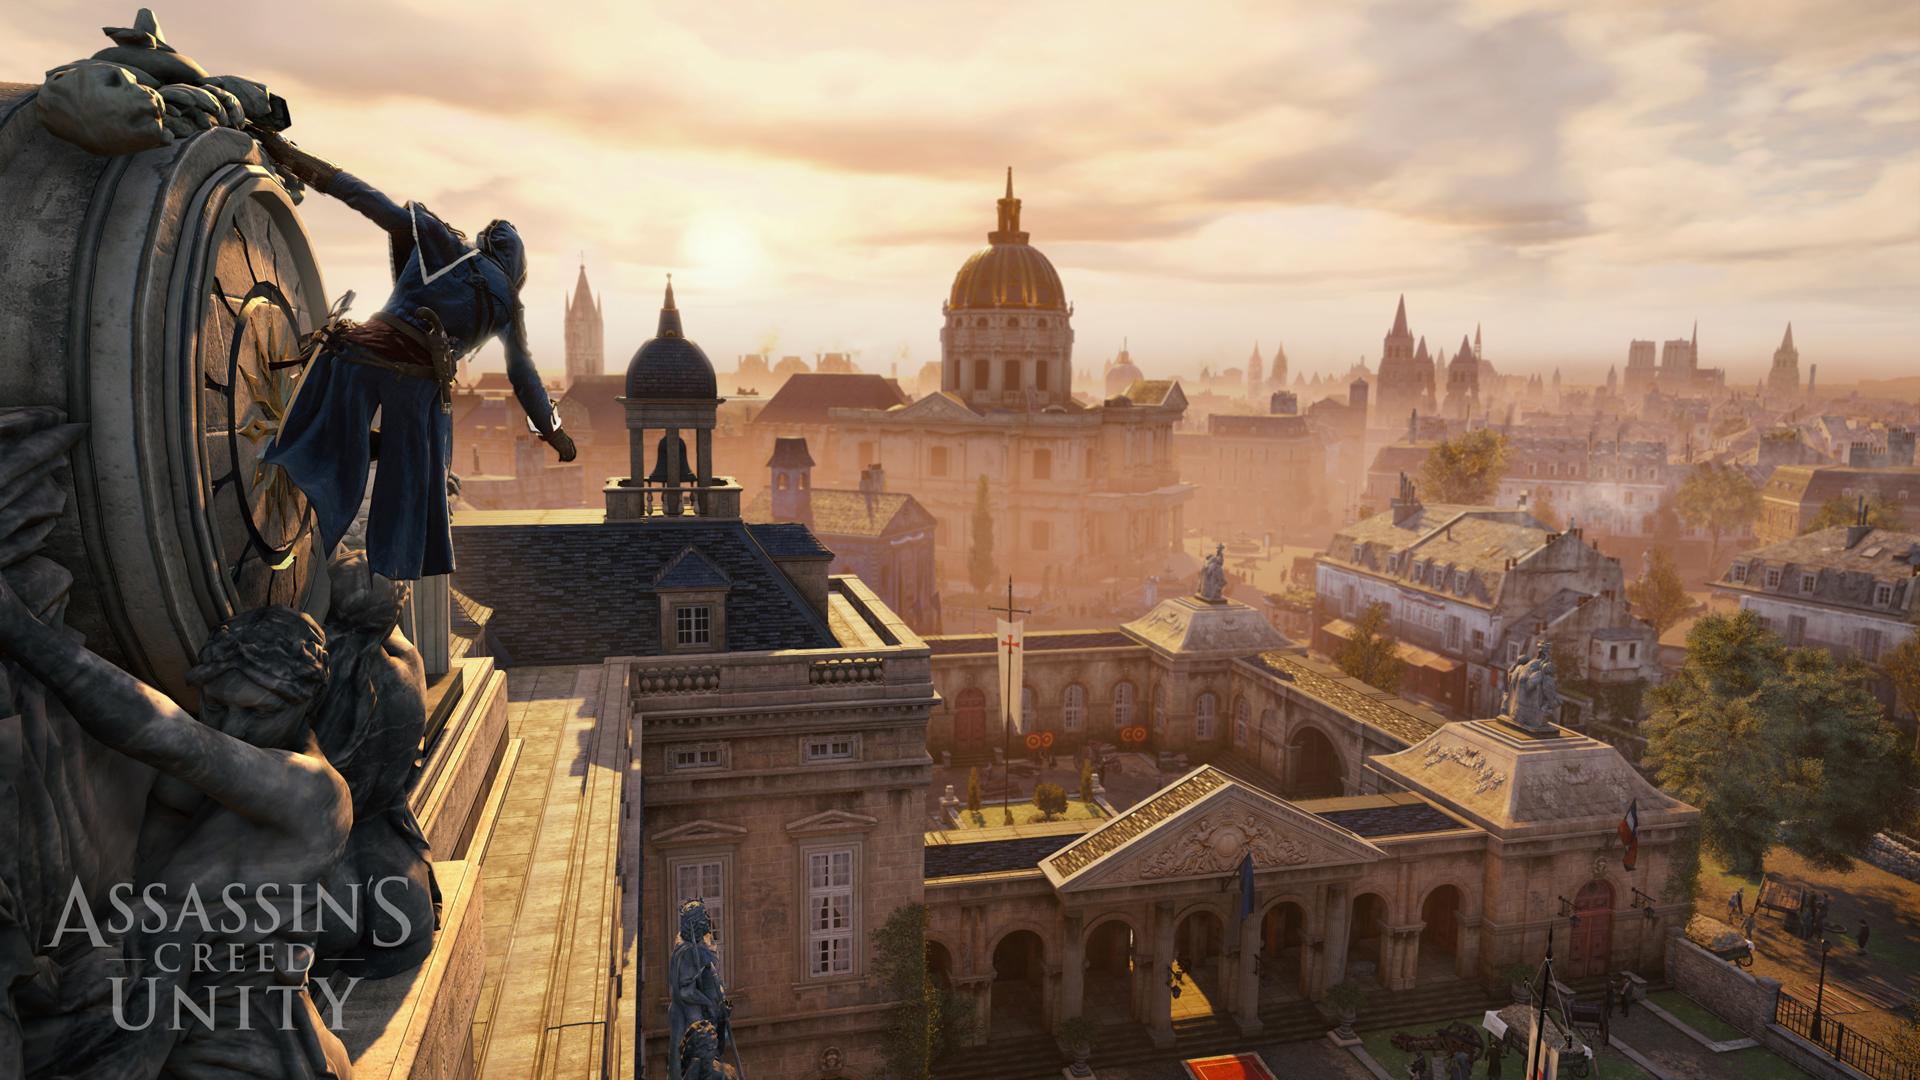 [FIXO] Assassin's Creed Unity Assassin%27s_Creed_Unity_Environment_Climbing_166326